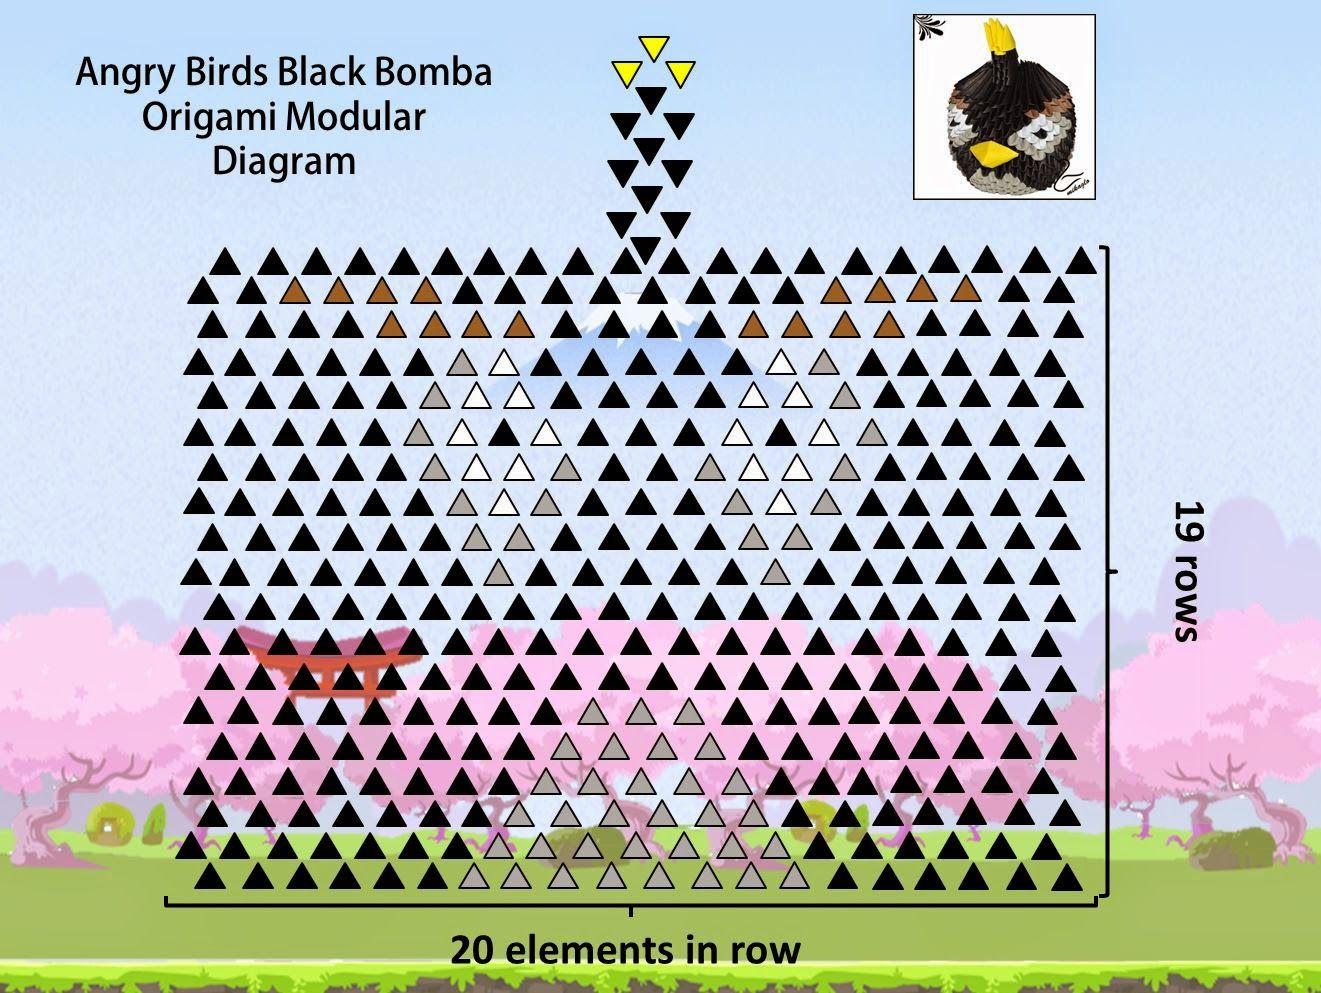 3d Origami Black Bomb Angry Birds Diagram Falten Rh Com Bird 3D Diagrams Free Download